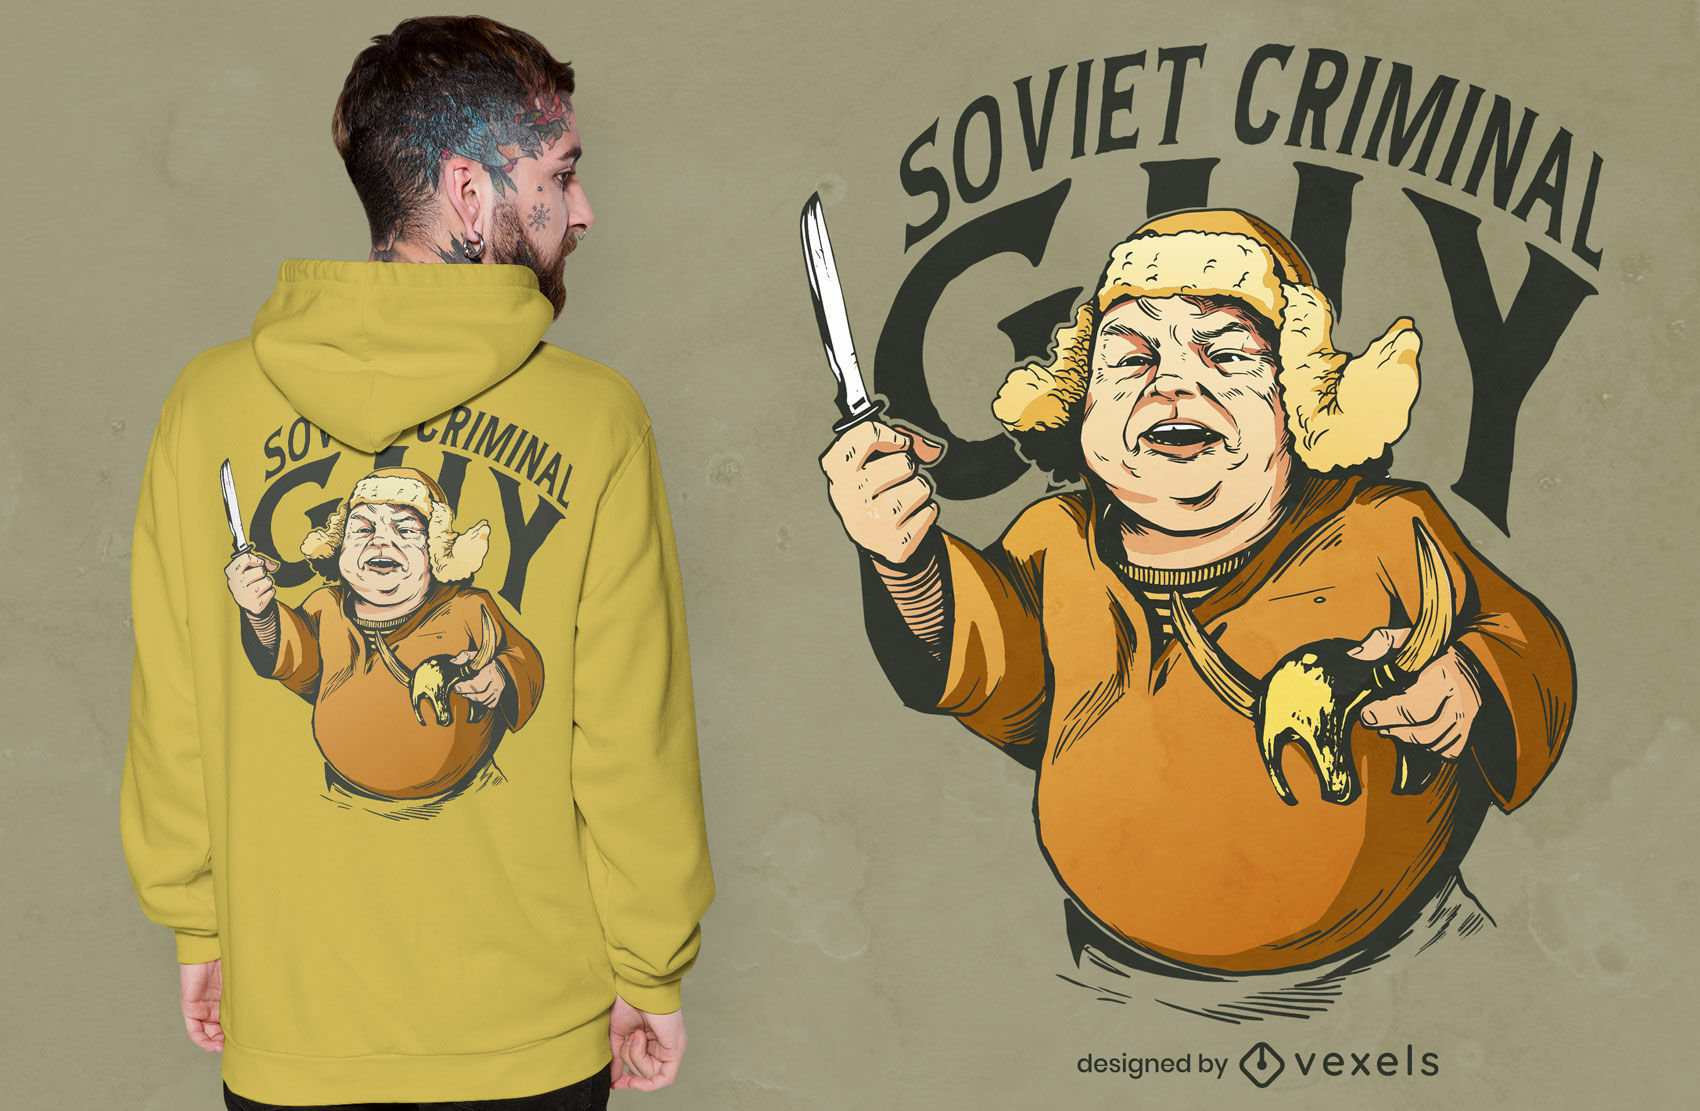 Soviet criminal with knife t-shirt design